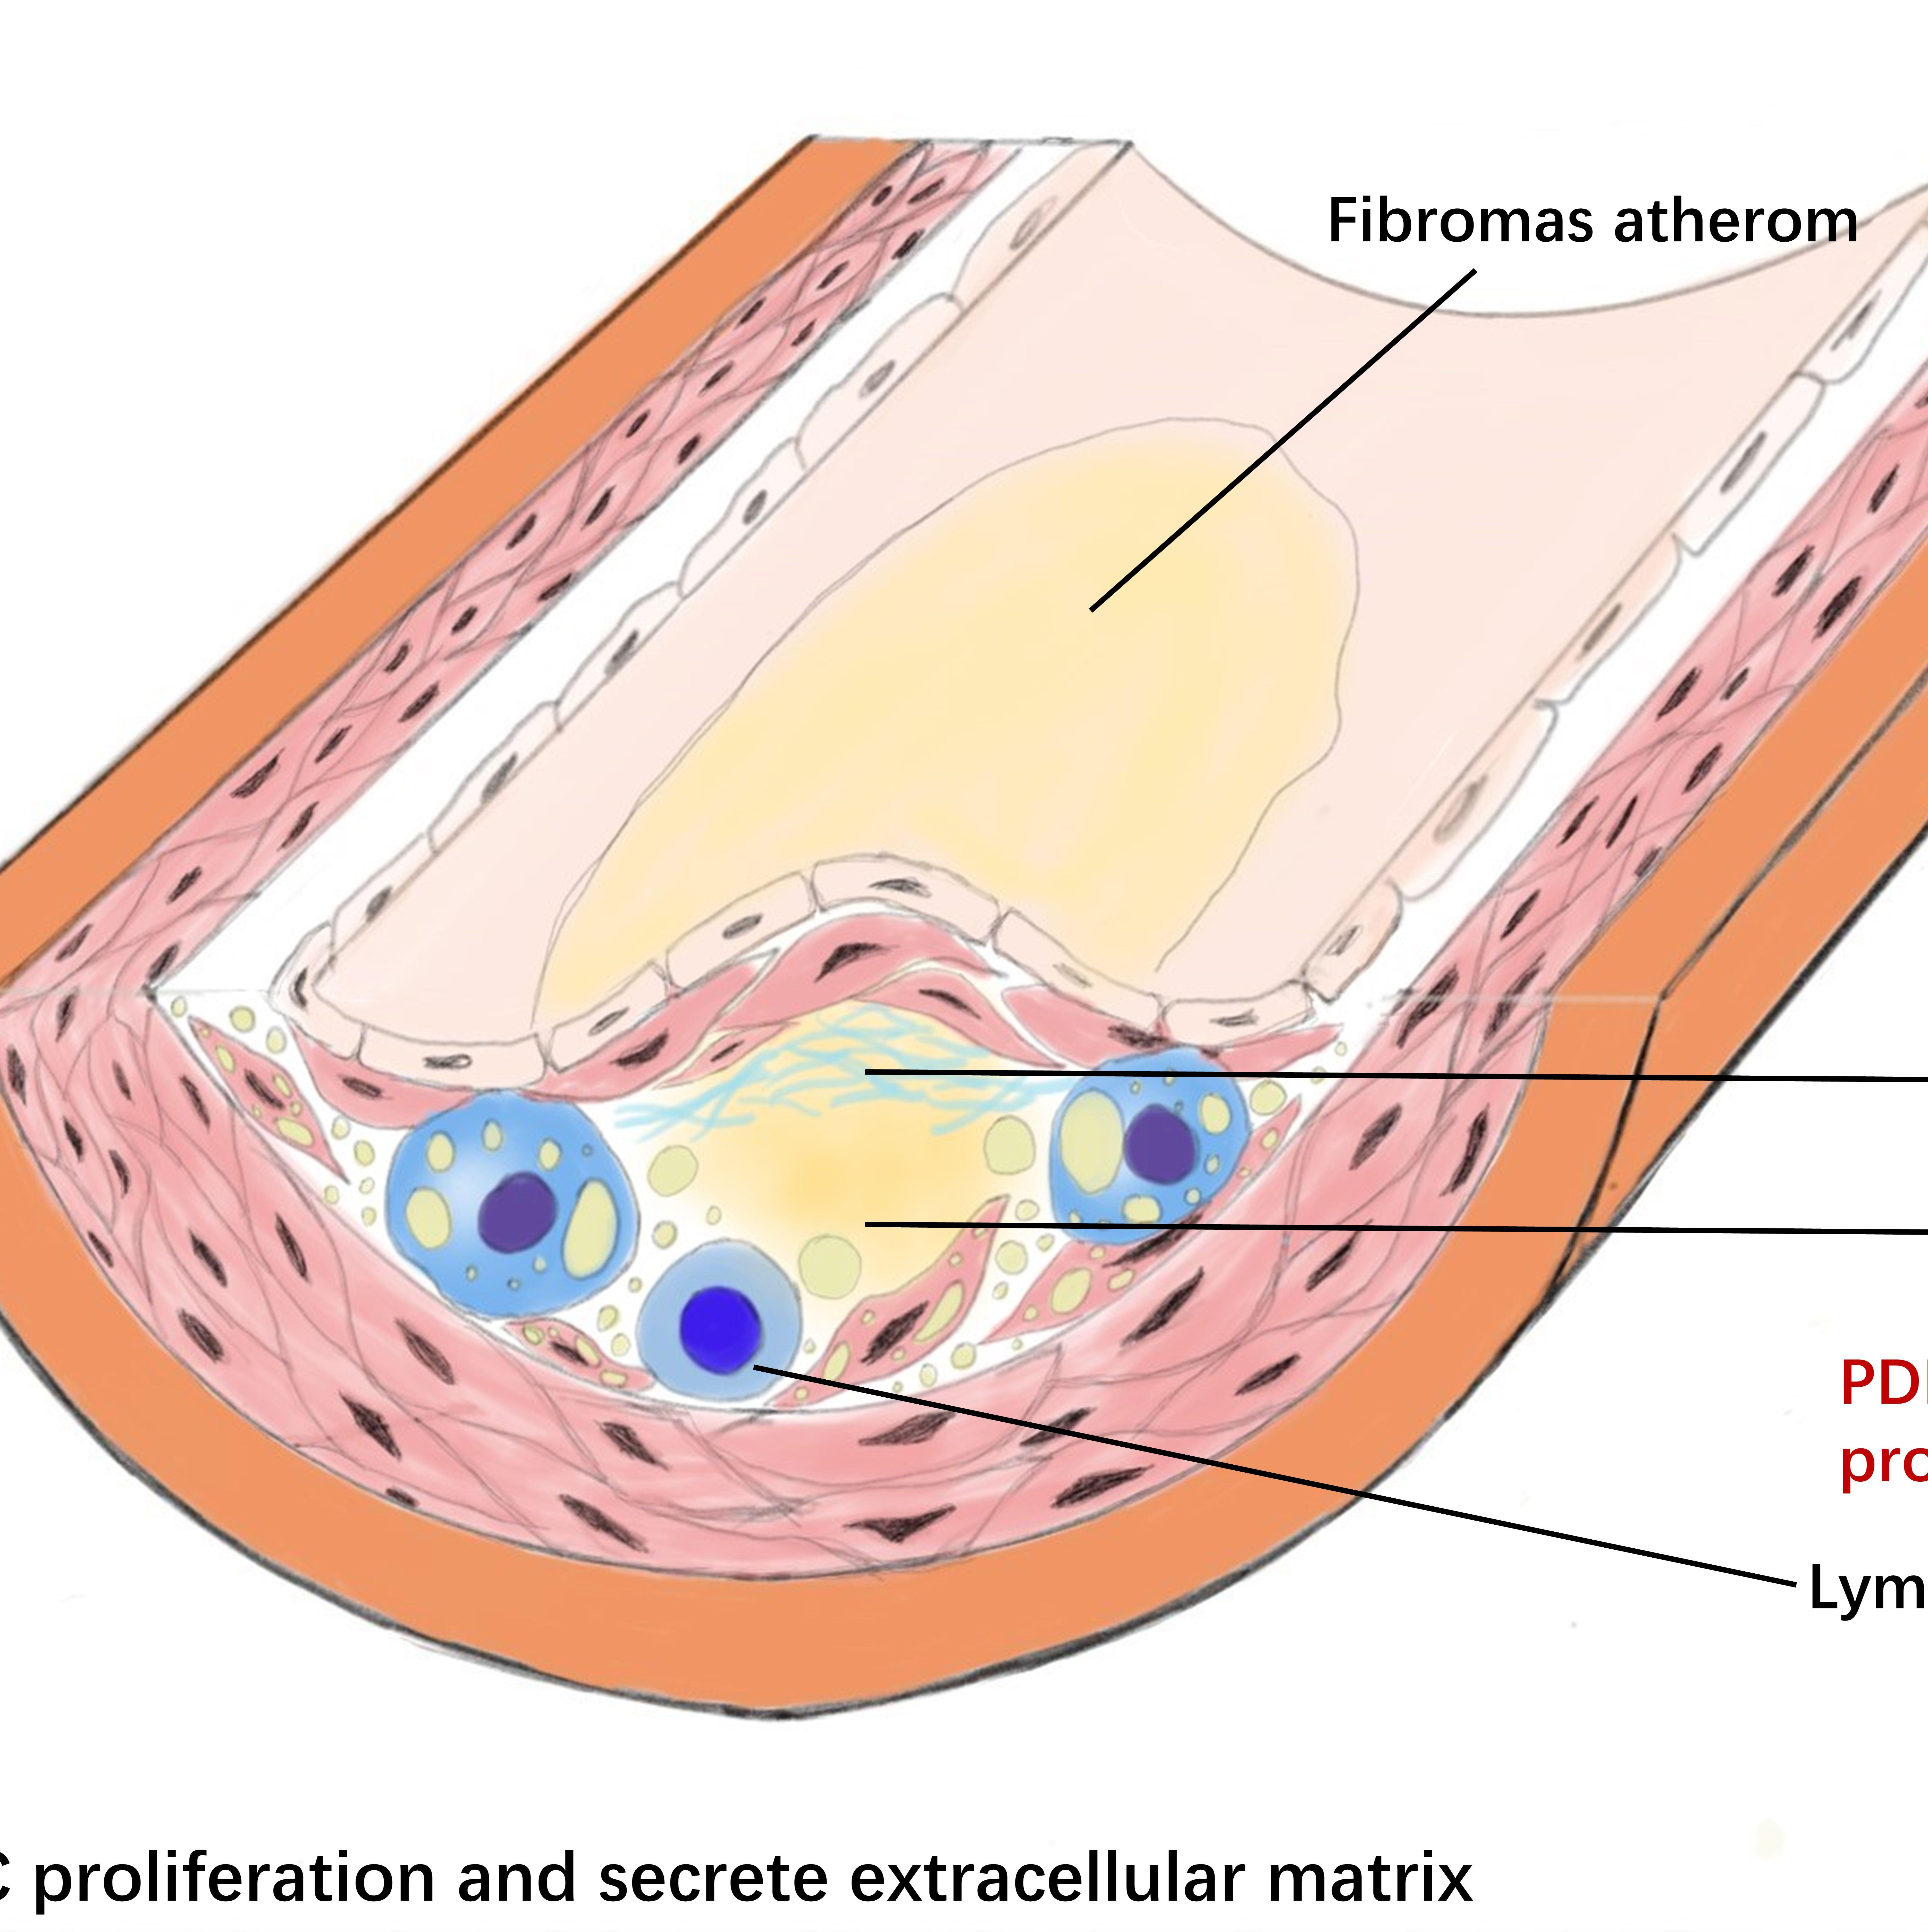 心血管科学一图文摘要SCI论文排版示意图封面科研作图绘图插图配图